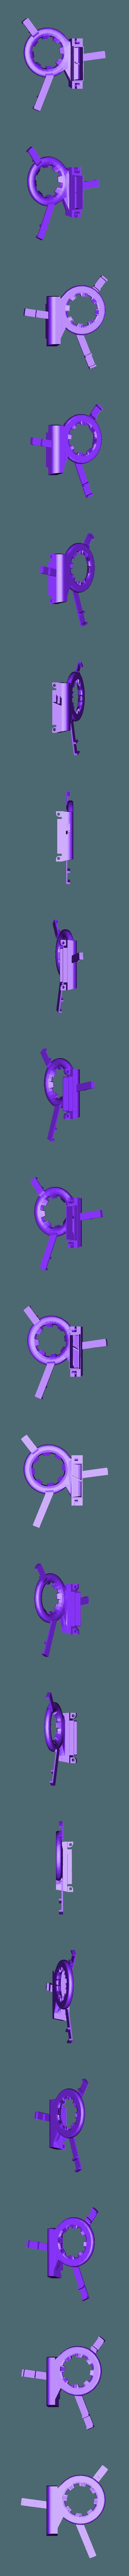 VentLedRing_v2.stl Download free STL file Ender 3 Vent Ring with Led Ring support (offset) • 3D print model, Kliffom